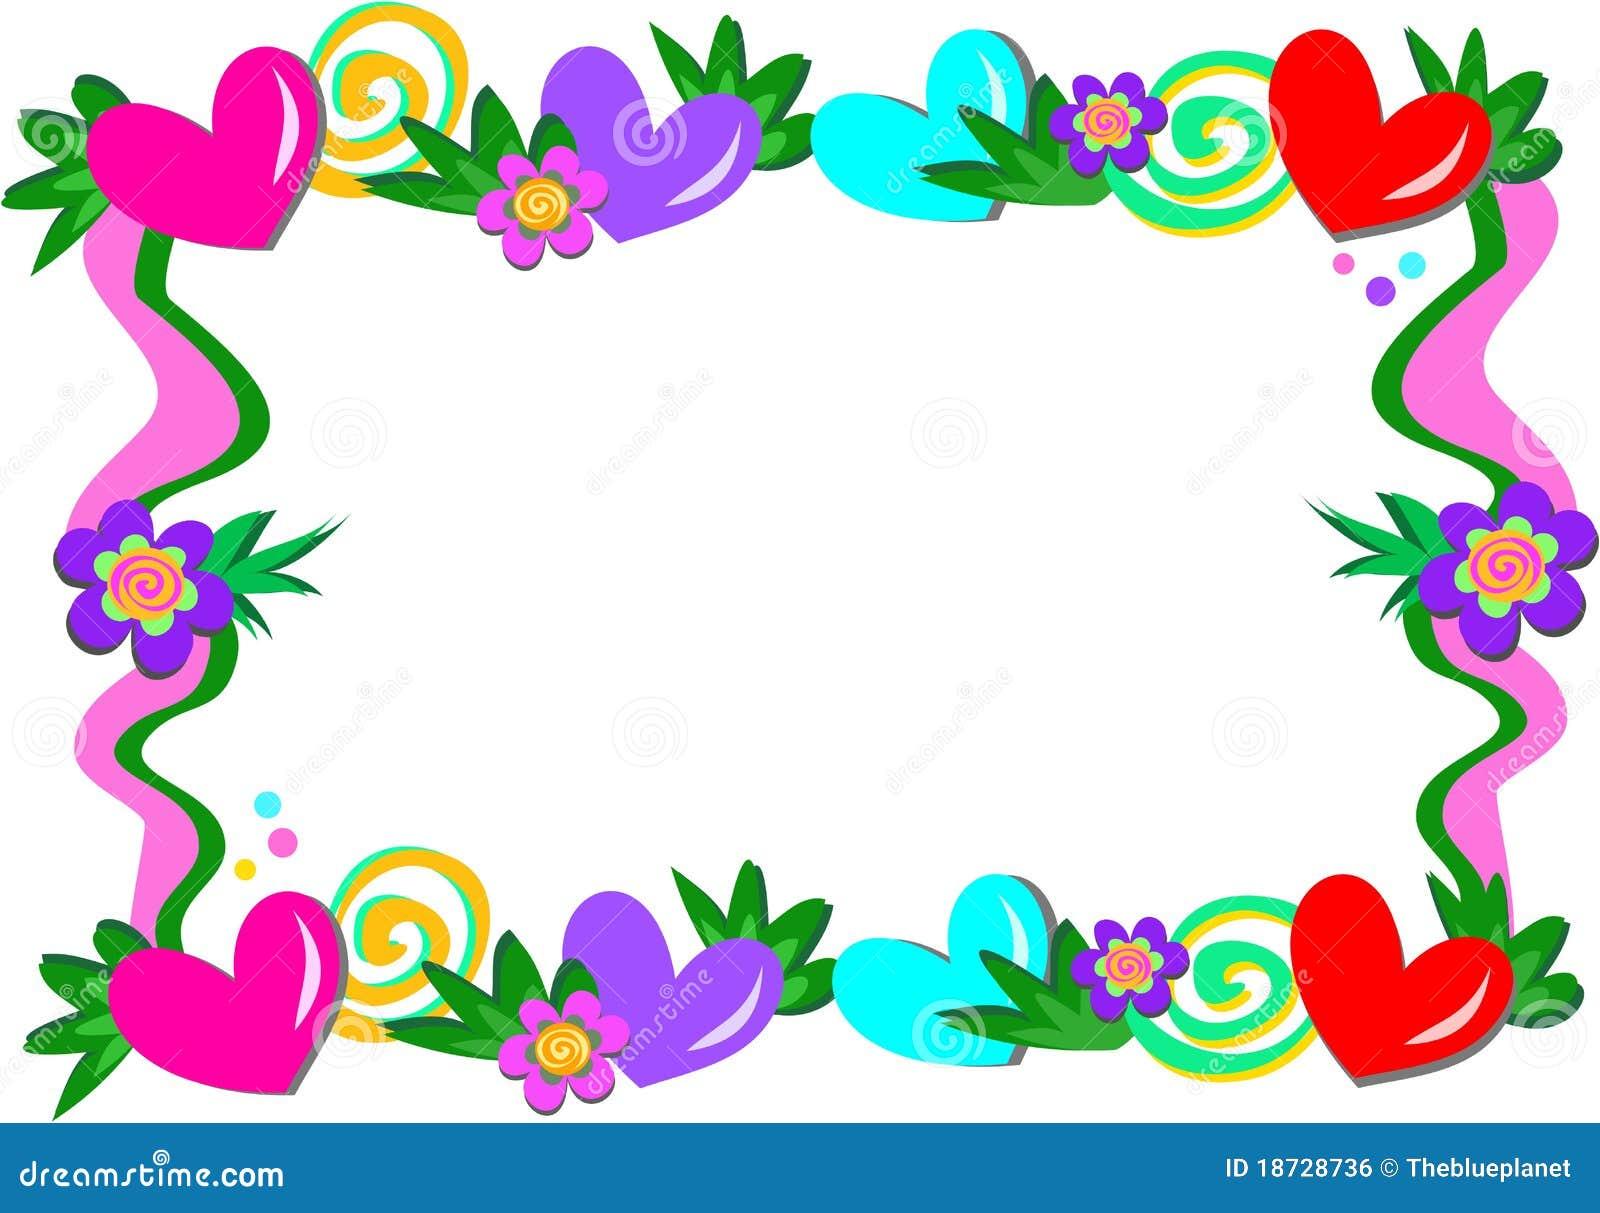 Marco de corazones de espirales y de flores ilustraci n - Marco de fotos multiple ...